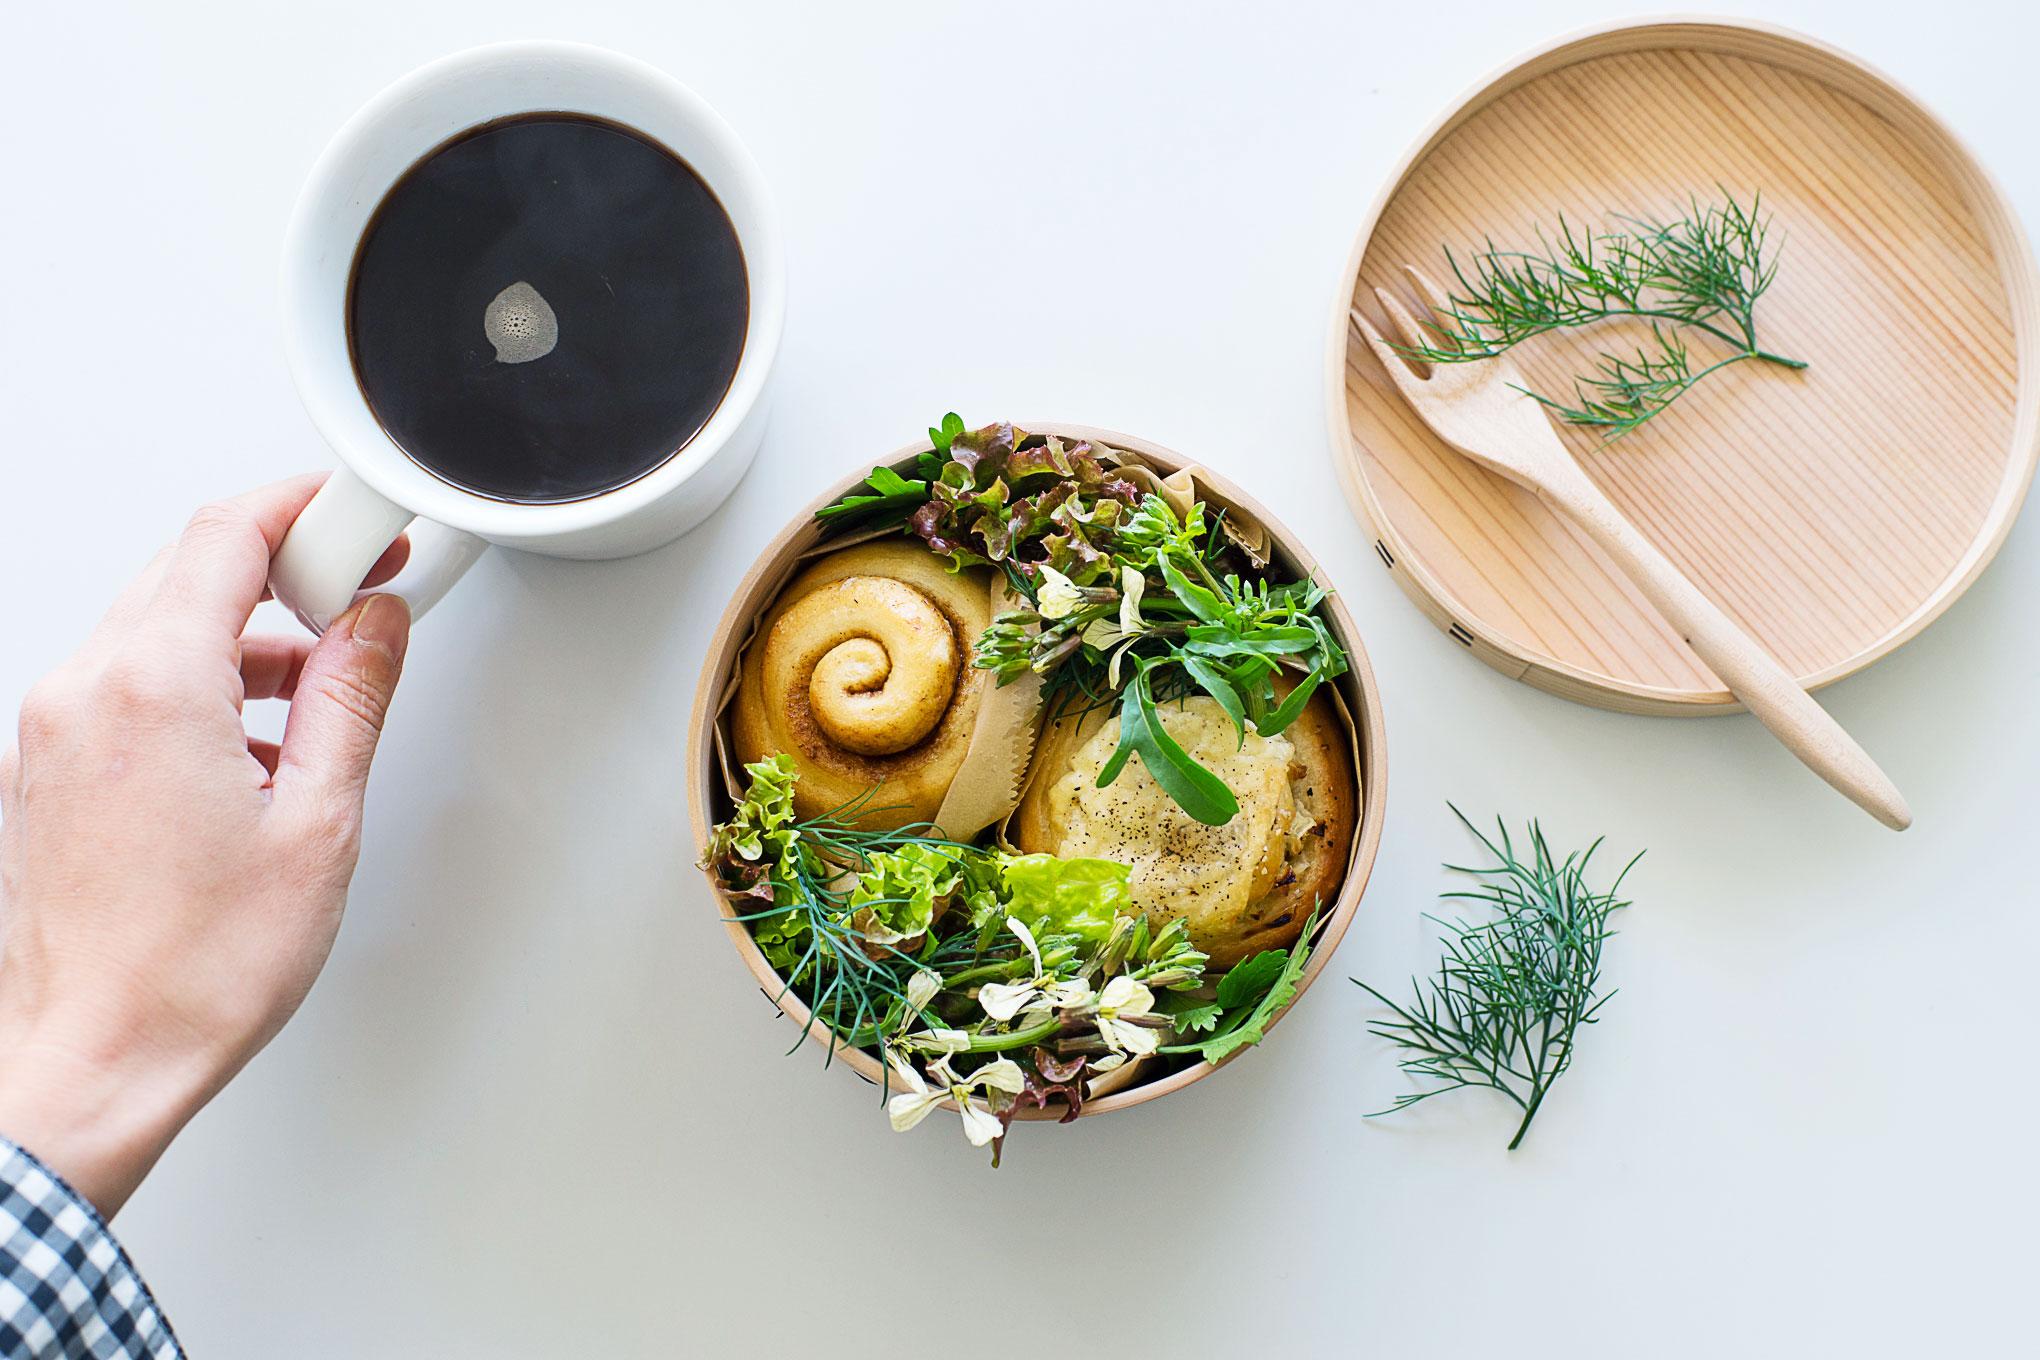 たまには曲げわっぱを器として使おう。ぐるぐるシナモンロールとオニオンロールとお花のサラダ。